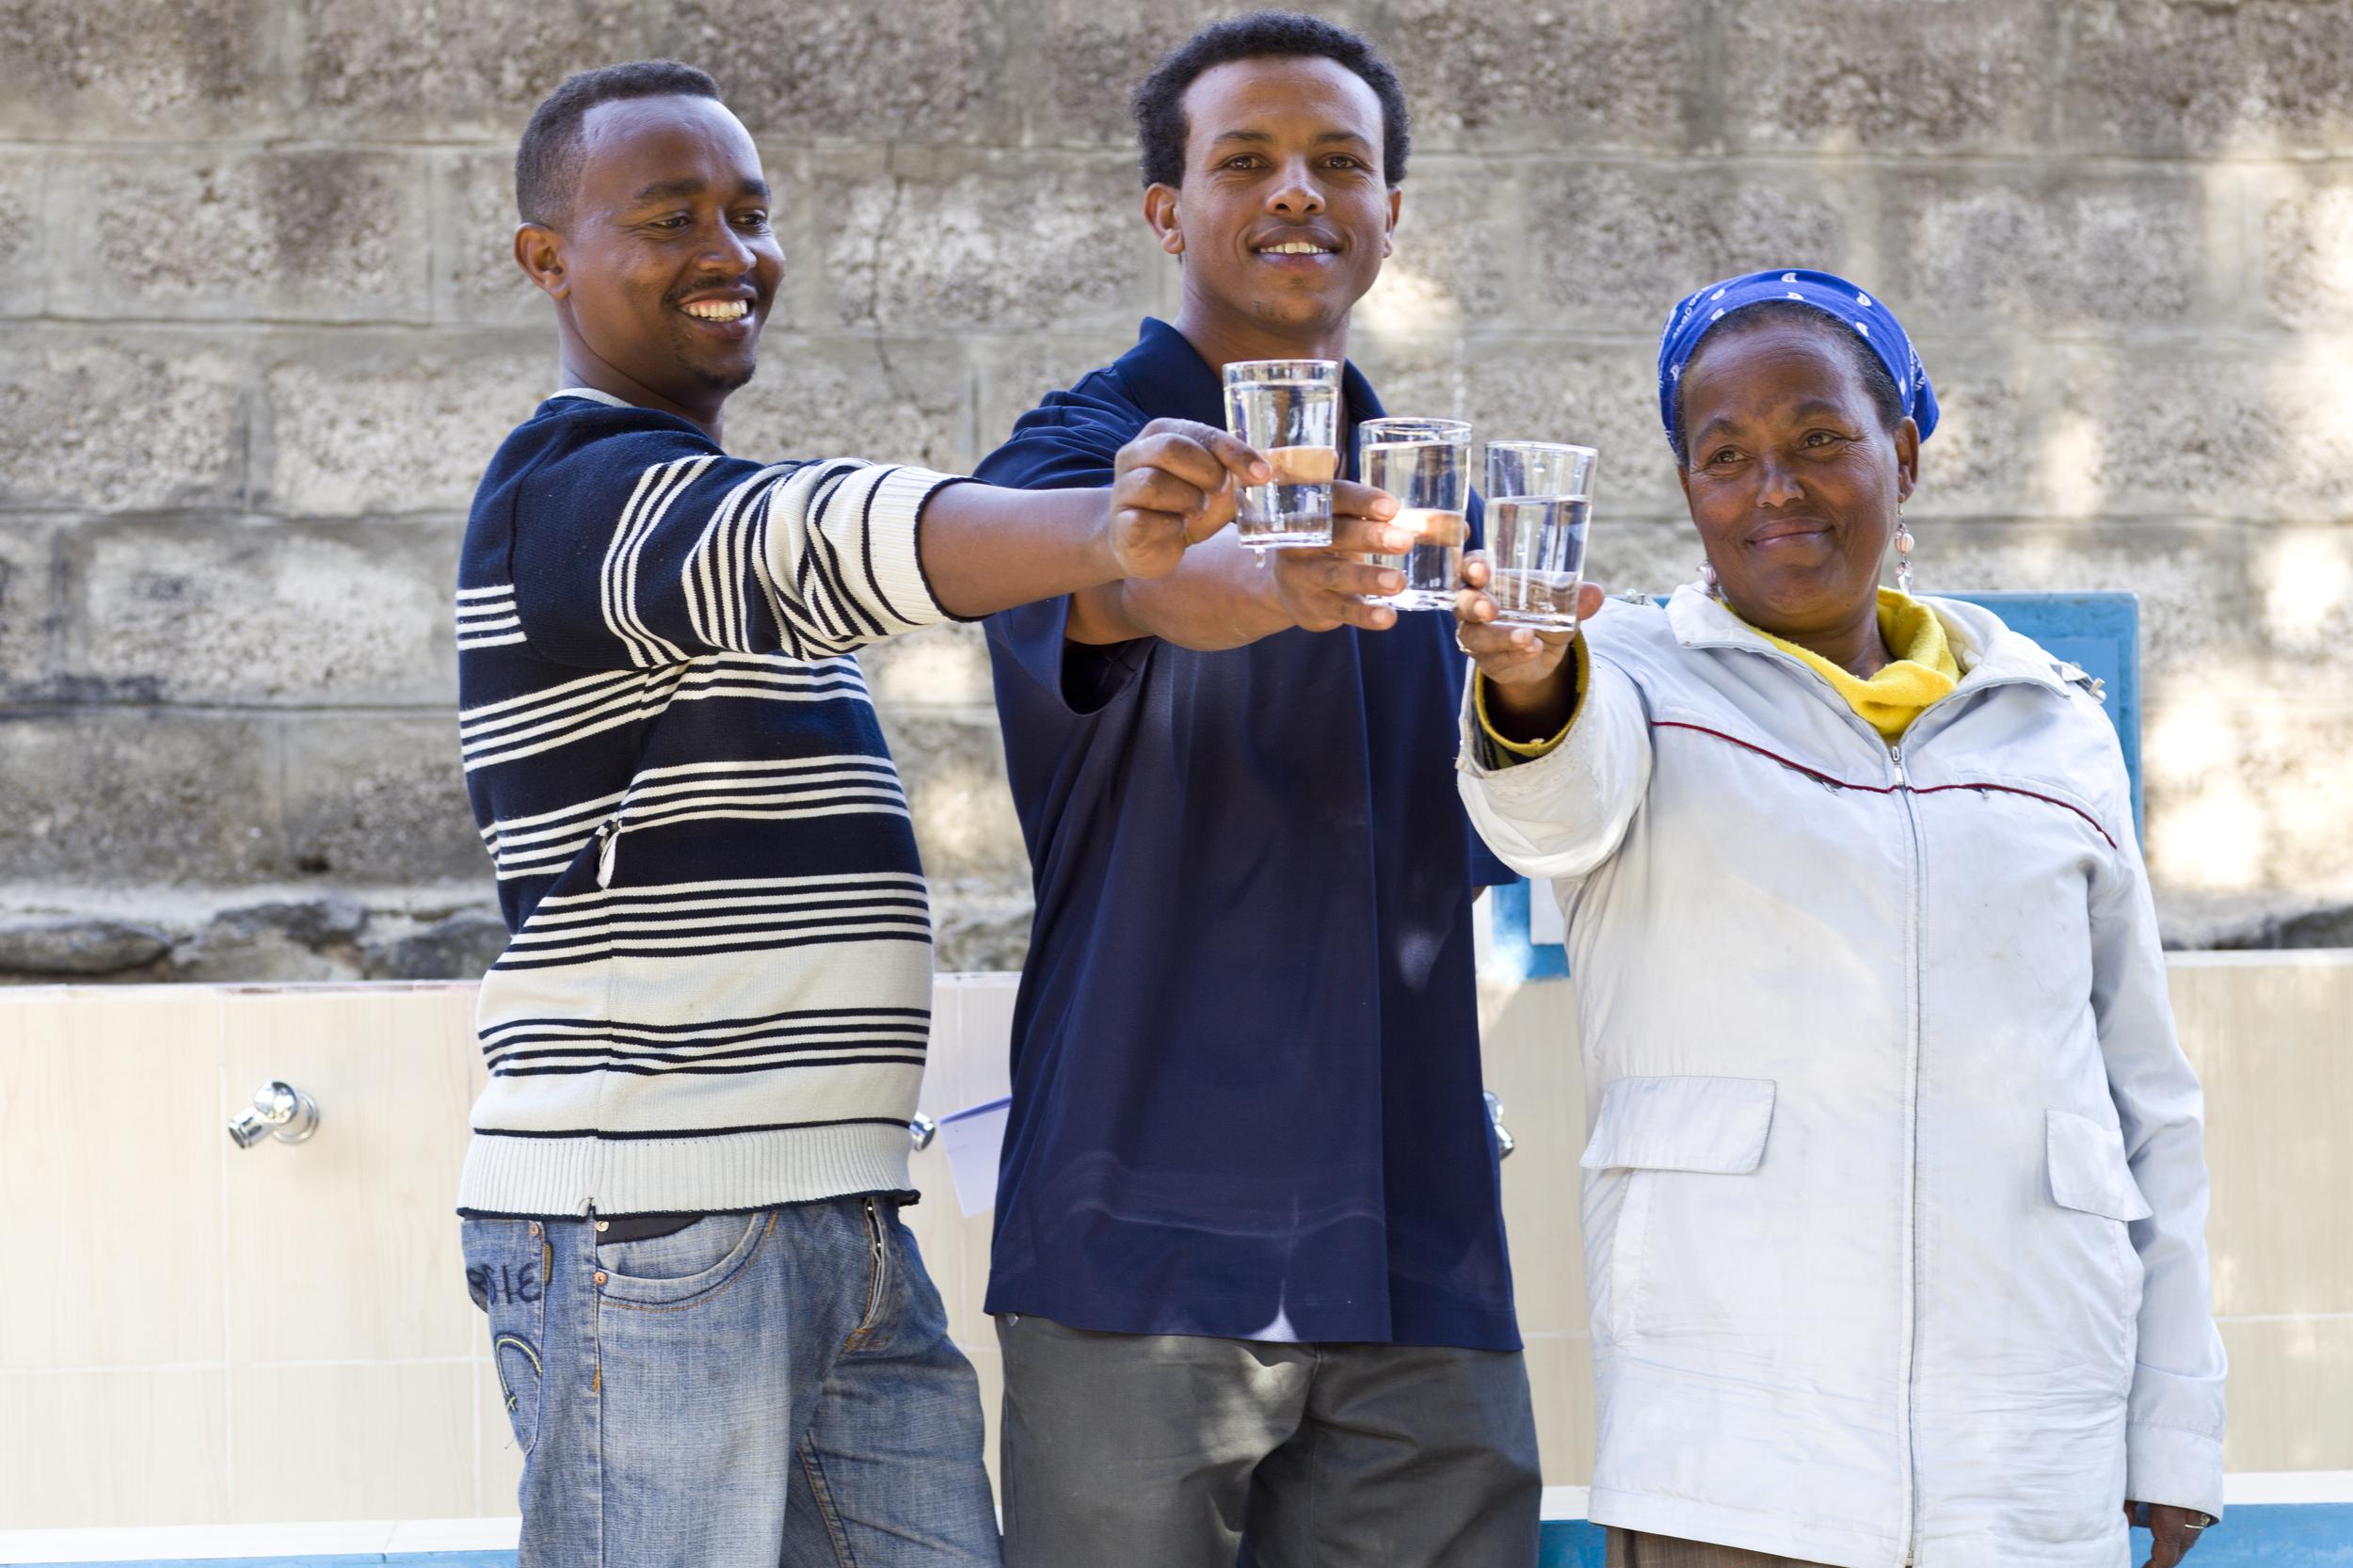 Staff with clean water, Splash